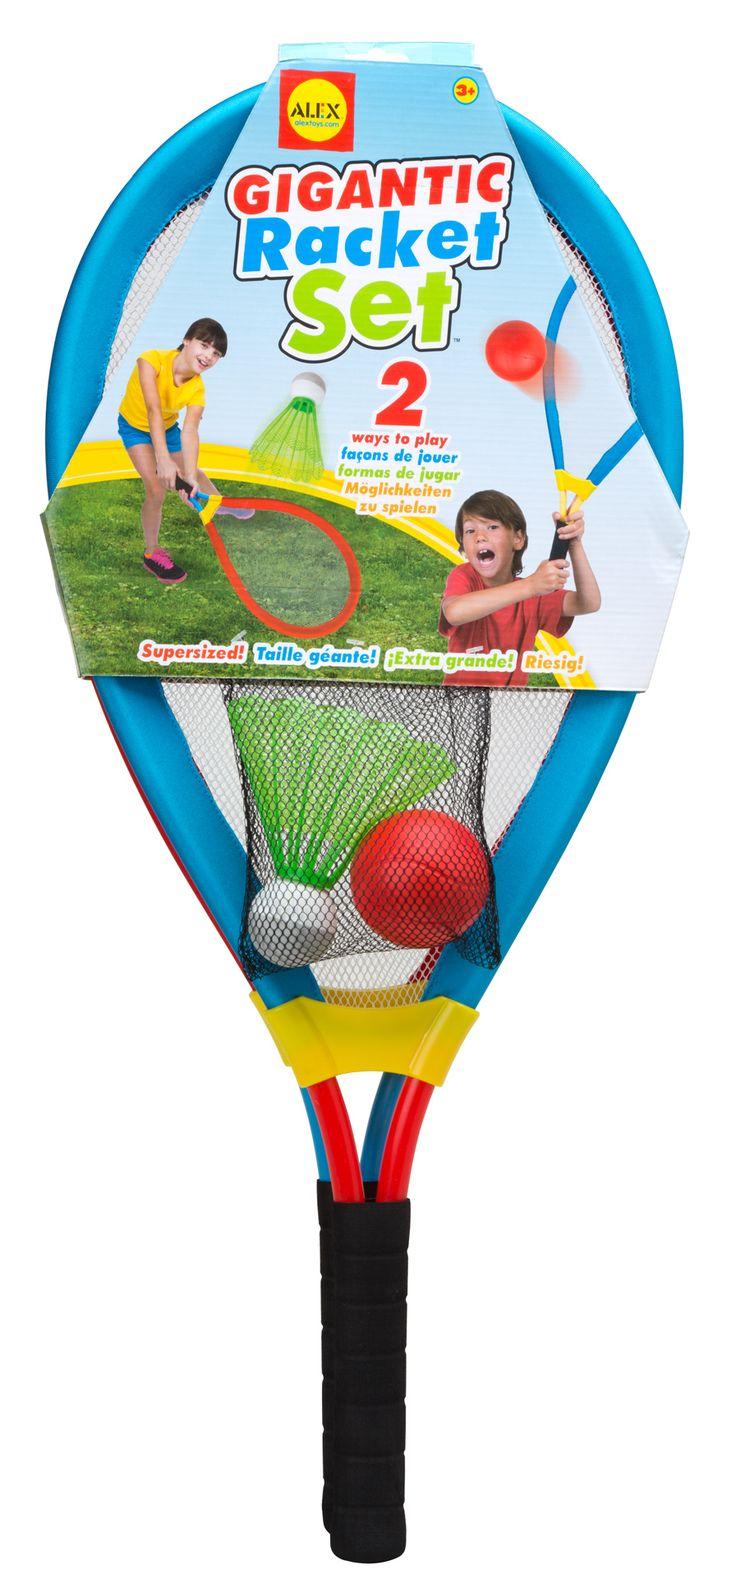 Gigantic Racket Set - ALEX Toys   ALEX Toys